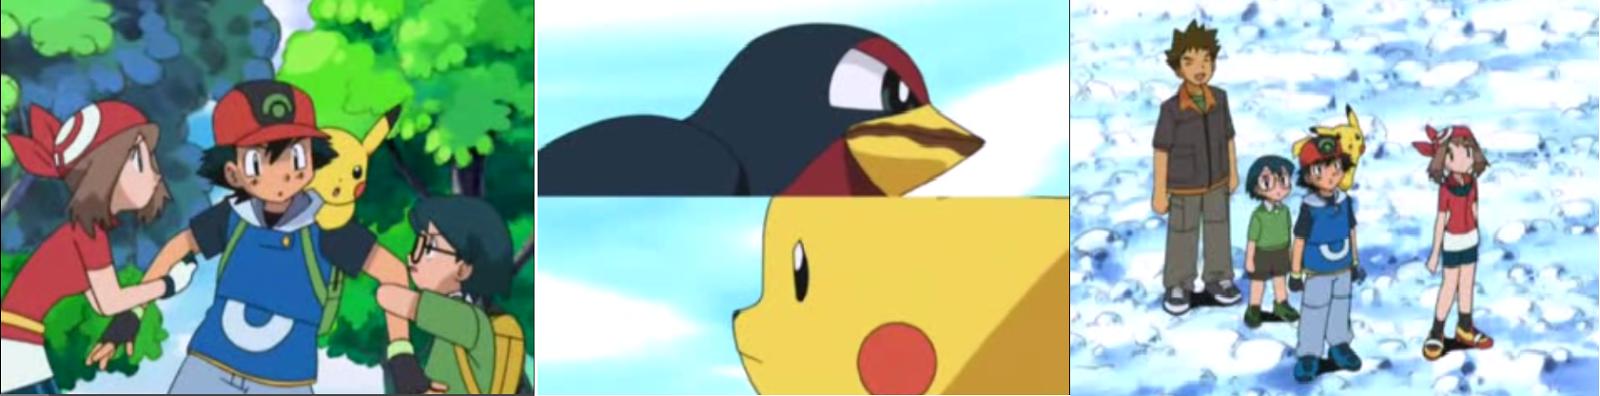 Pokémon -  Capítulo 4 - Temporada 6 - Audio Latino